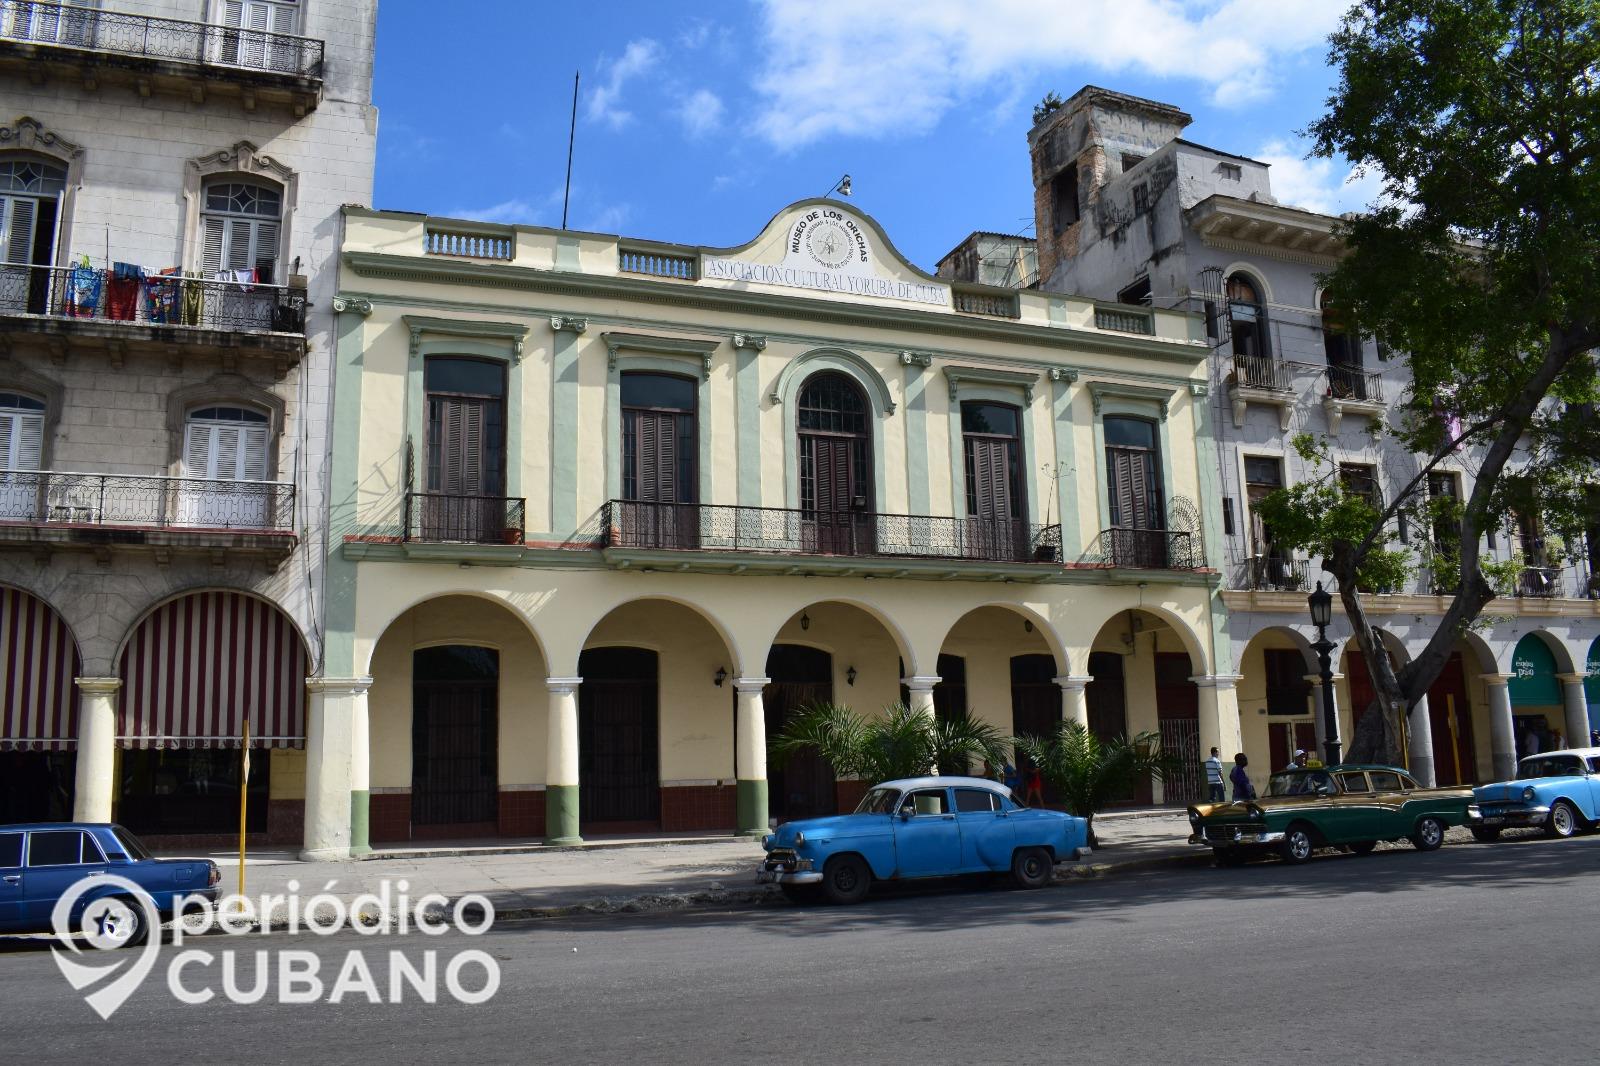 Museo de los Orishas y asociacion cultural yoruba de Cuba